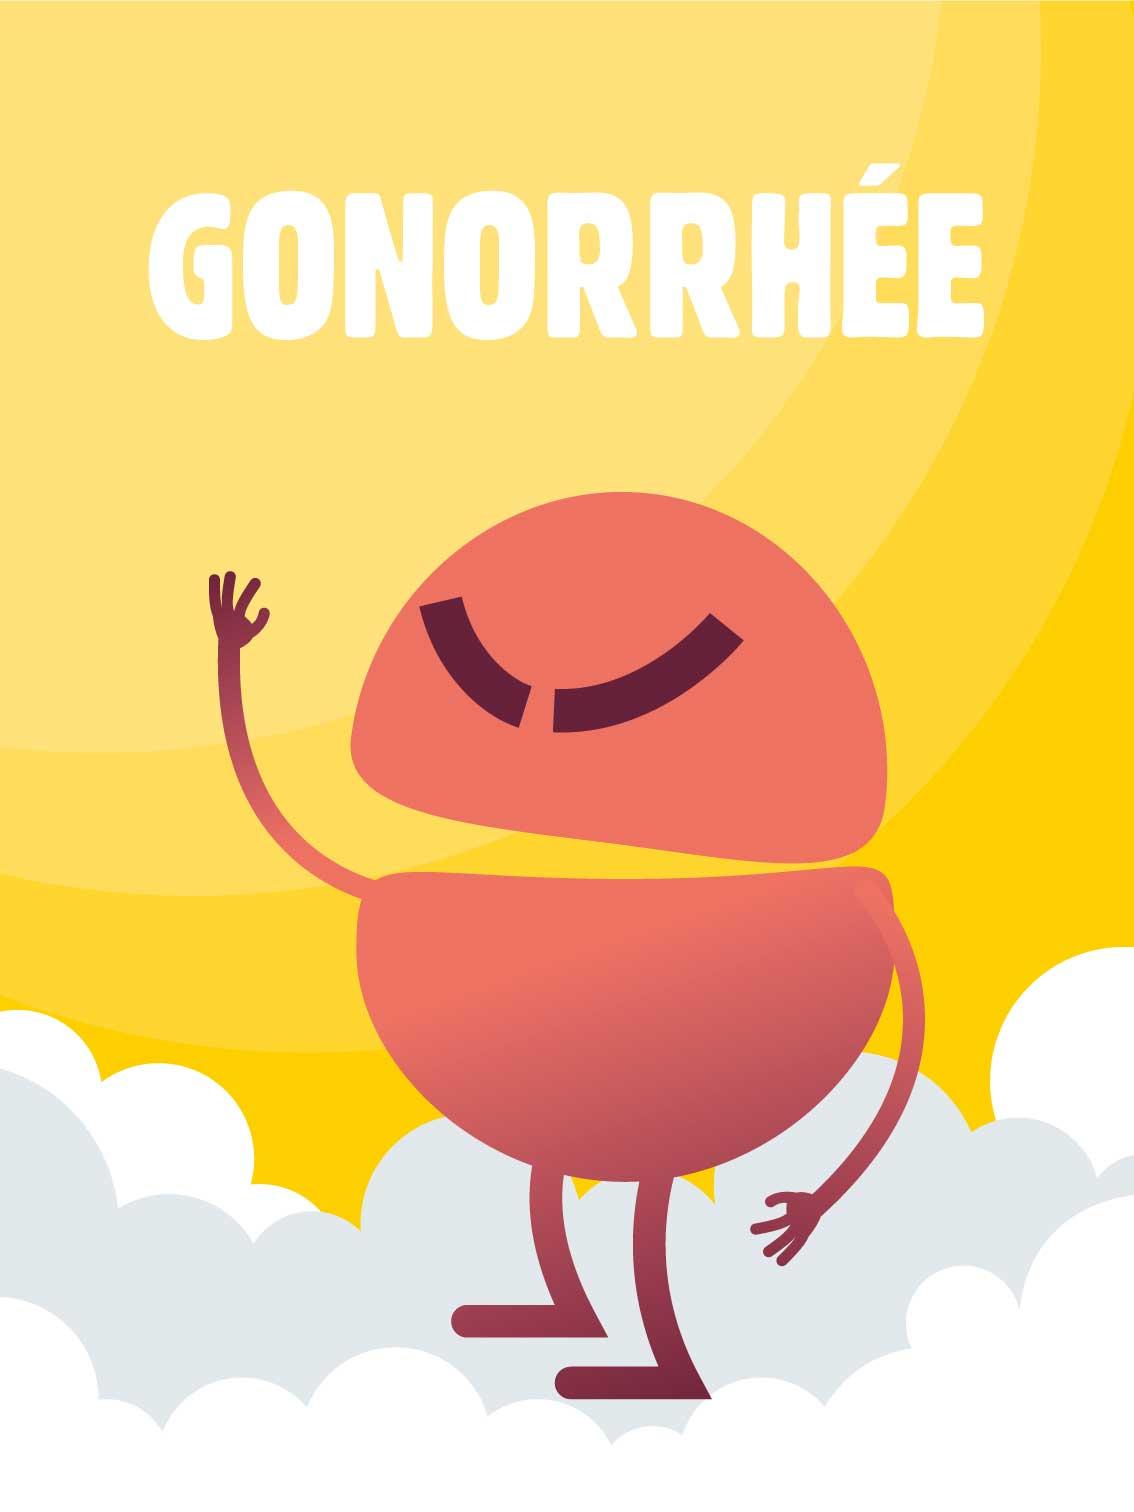 Gonorrhée, dépistage, IST, MST, infections sexuellement transmissibles, rapport sexuel à risque